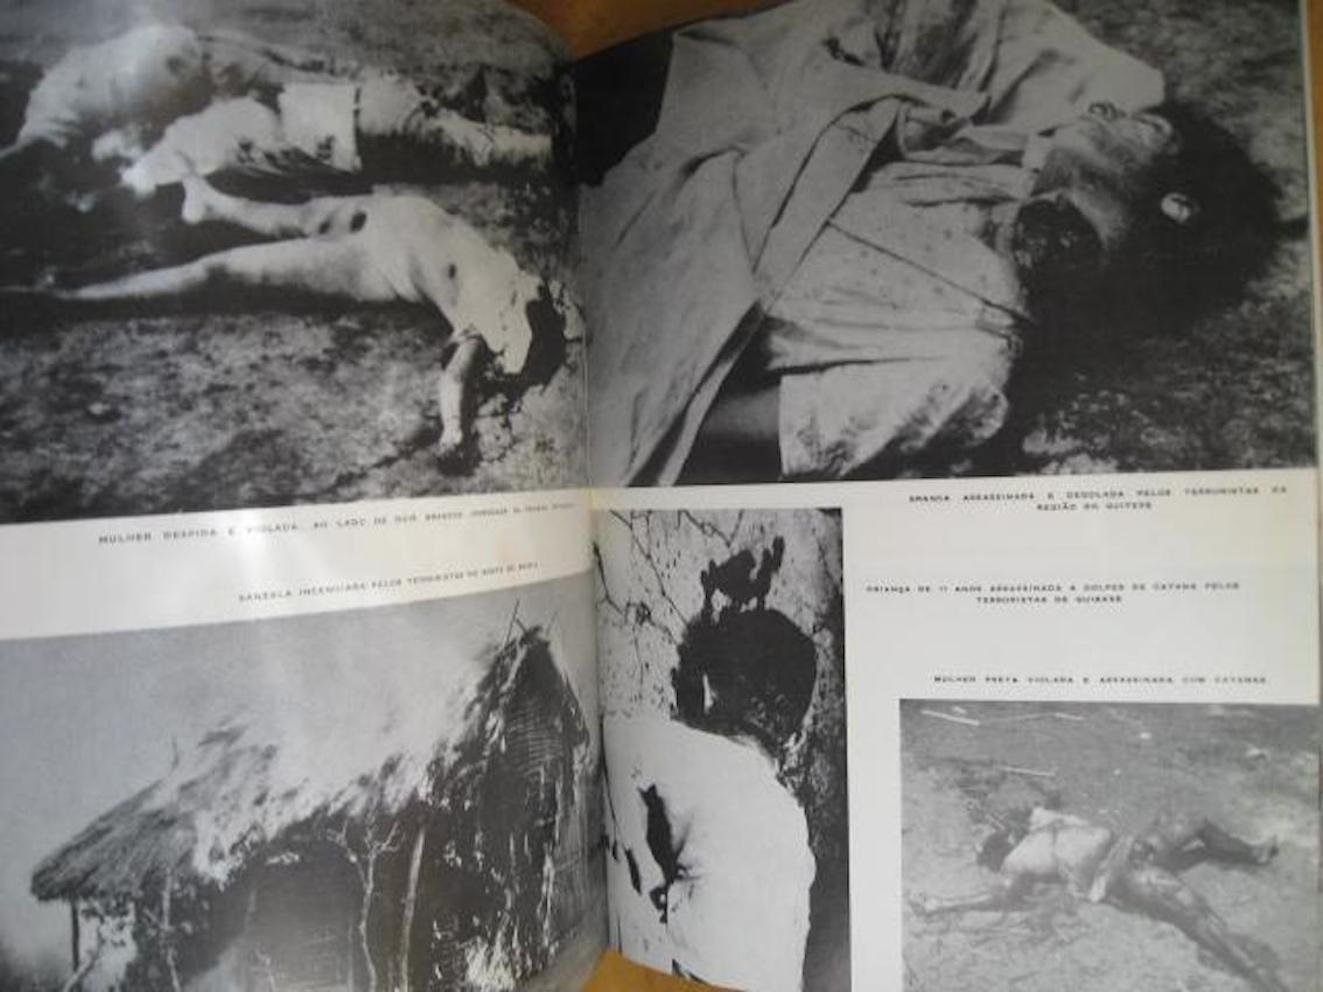 Angola - Capa do livro 'ANGOLA 1961', de Amândio César (Edição Verbo - Lisboa 1961) 1.ª edição (02)